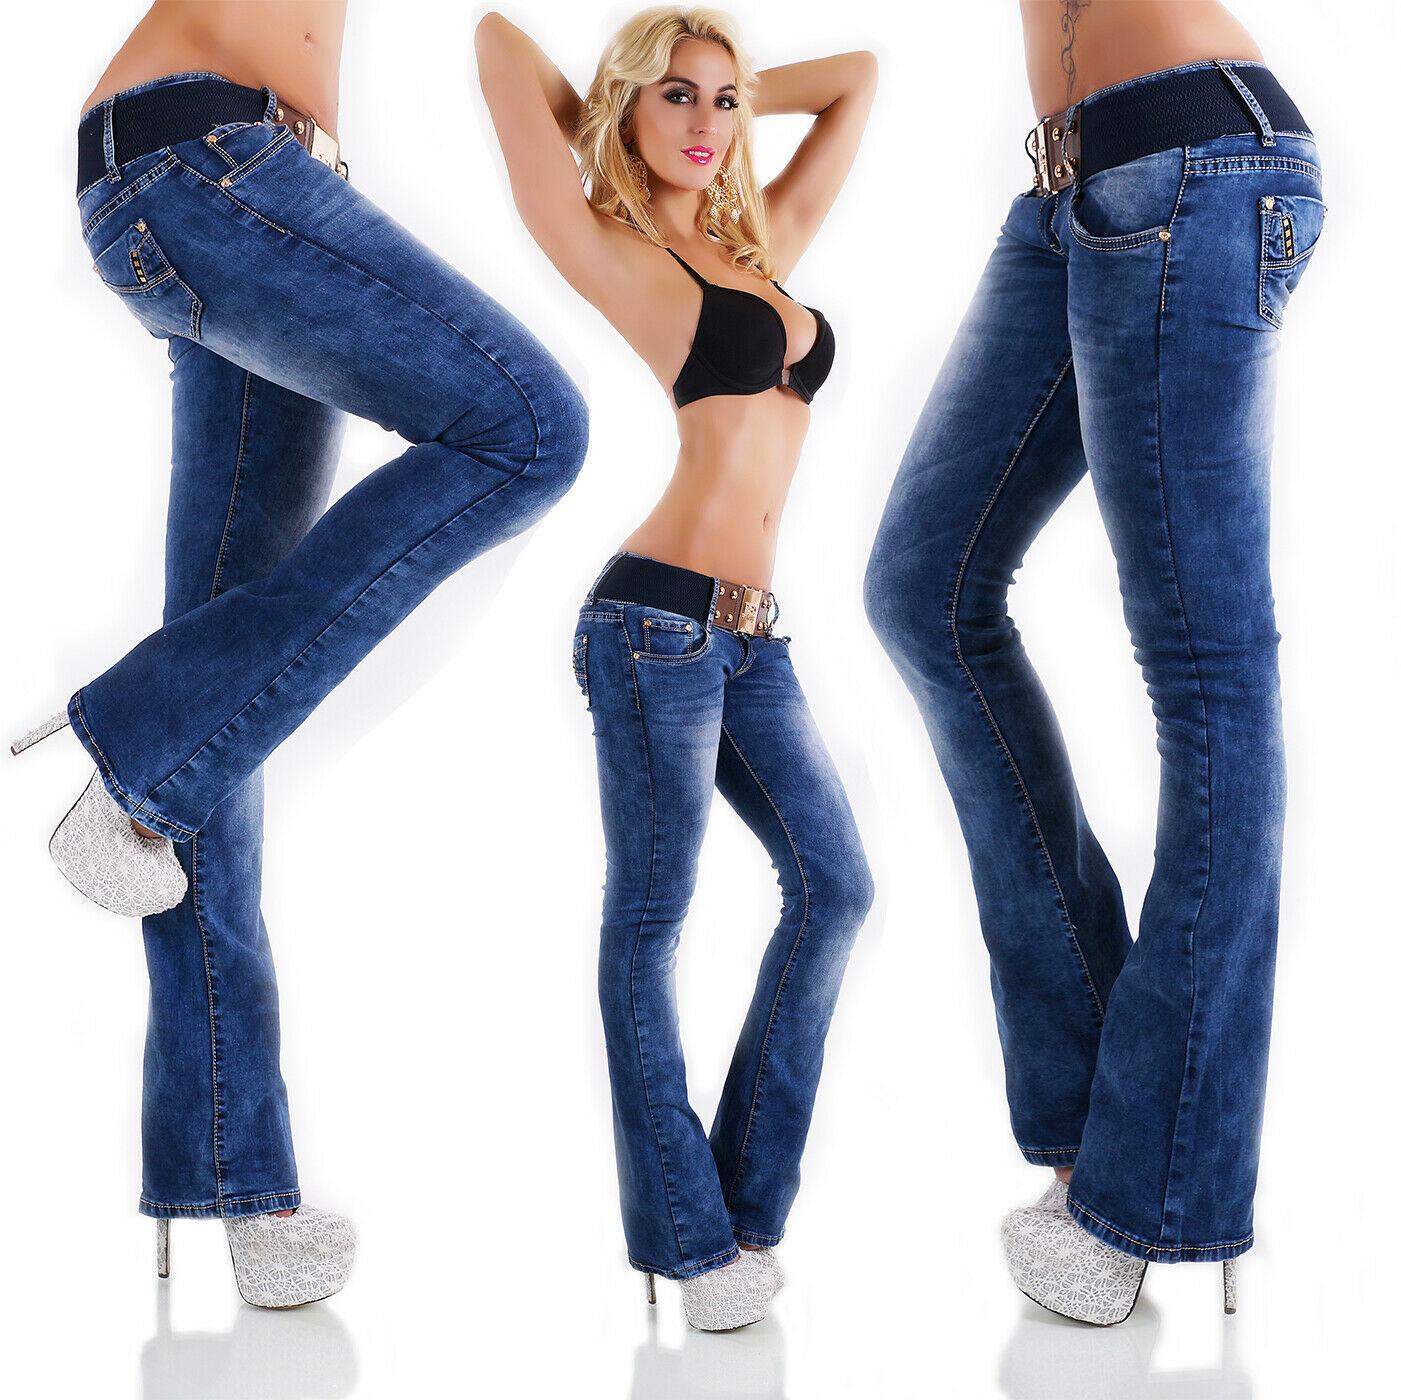 Redseventy Women's Bootcut Denim Jeans + Belt - Small